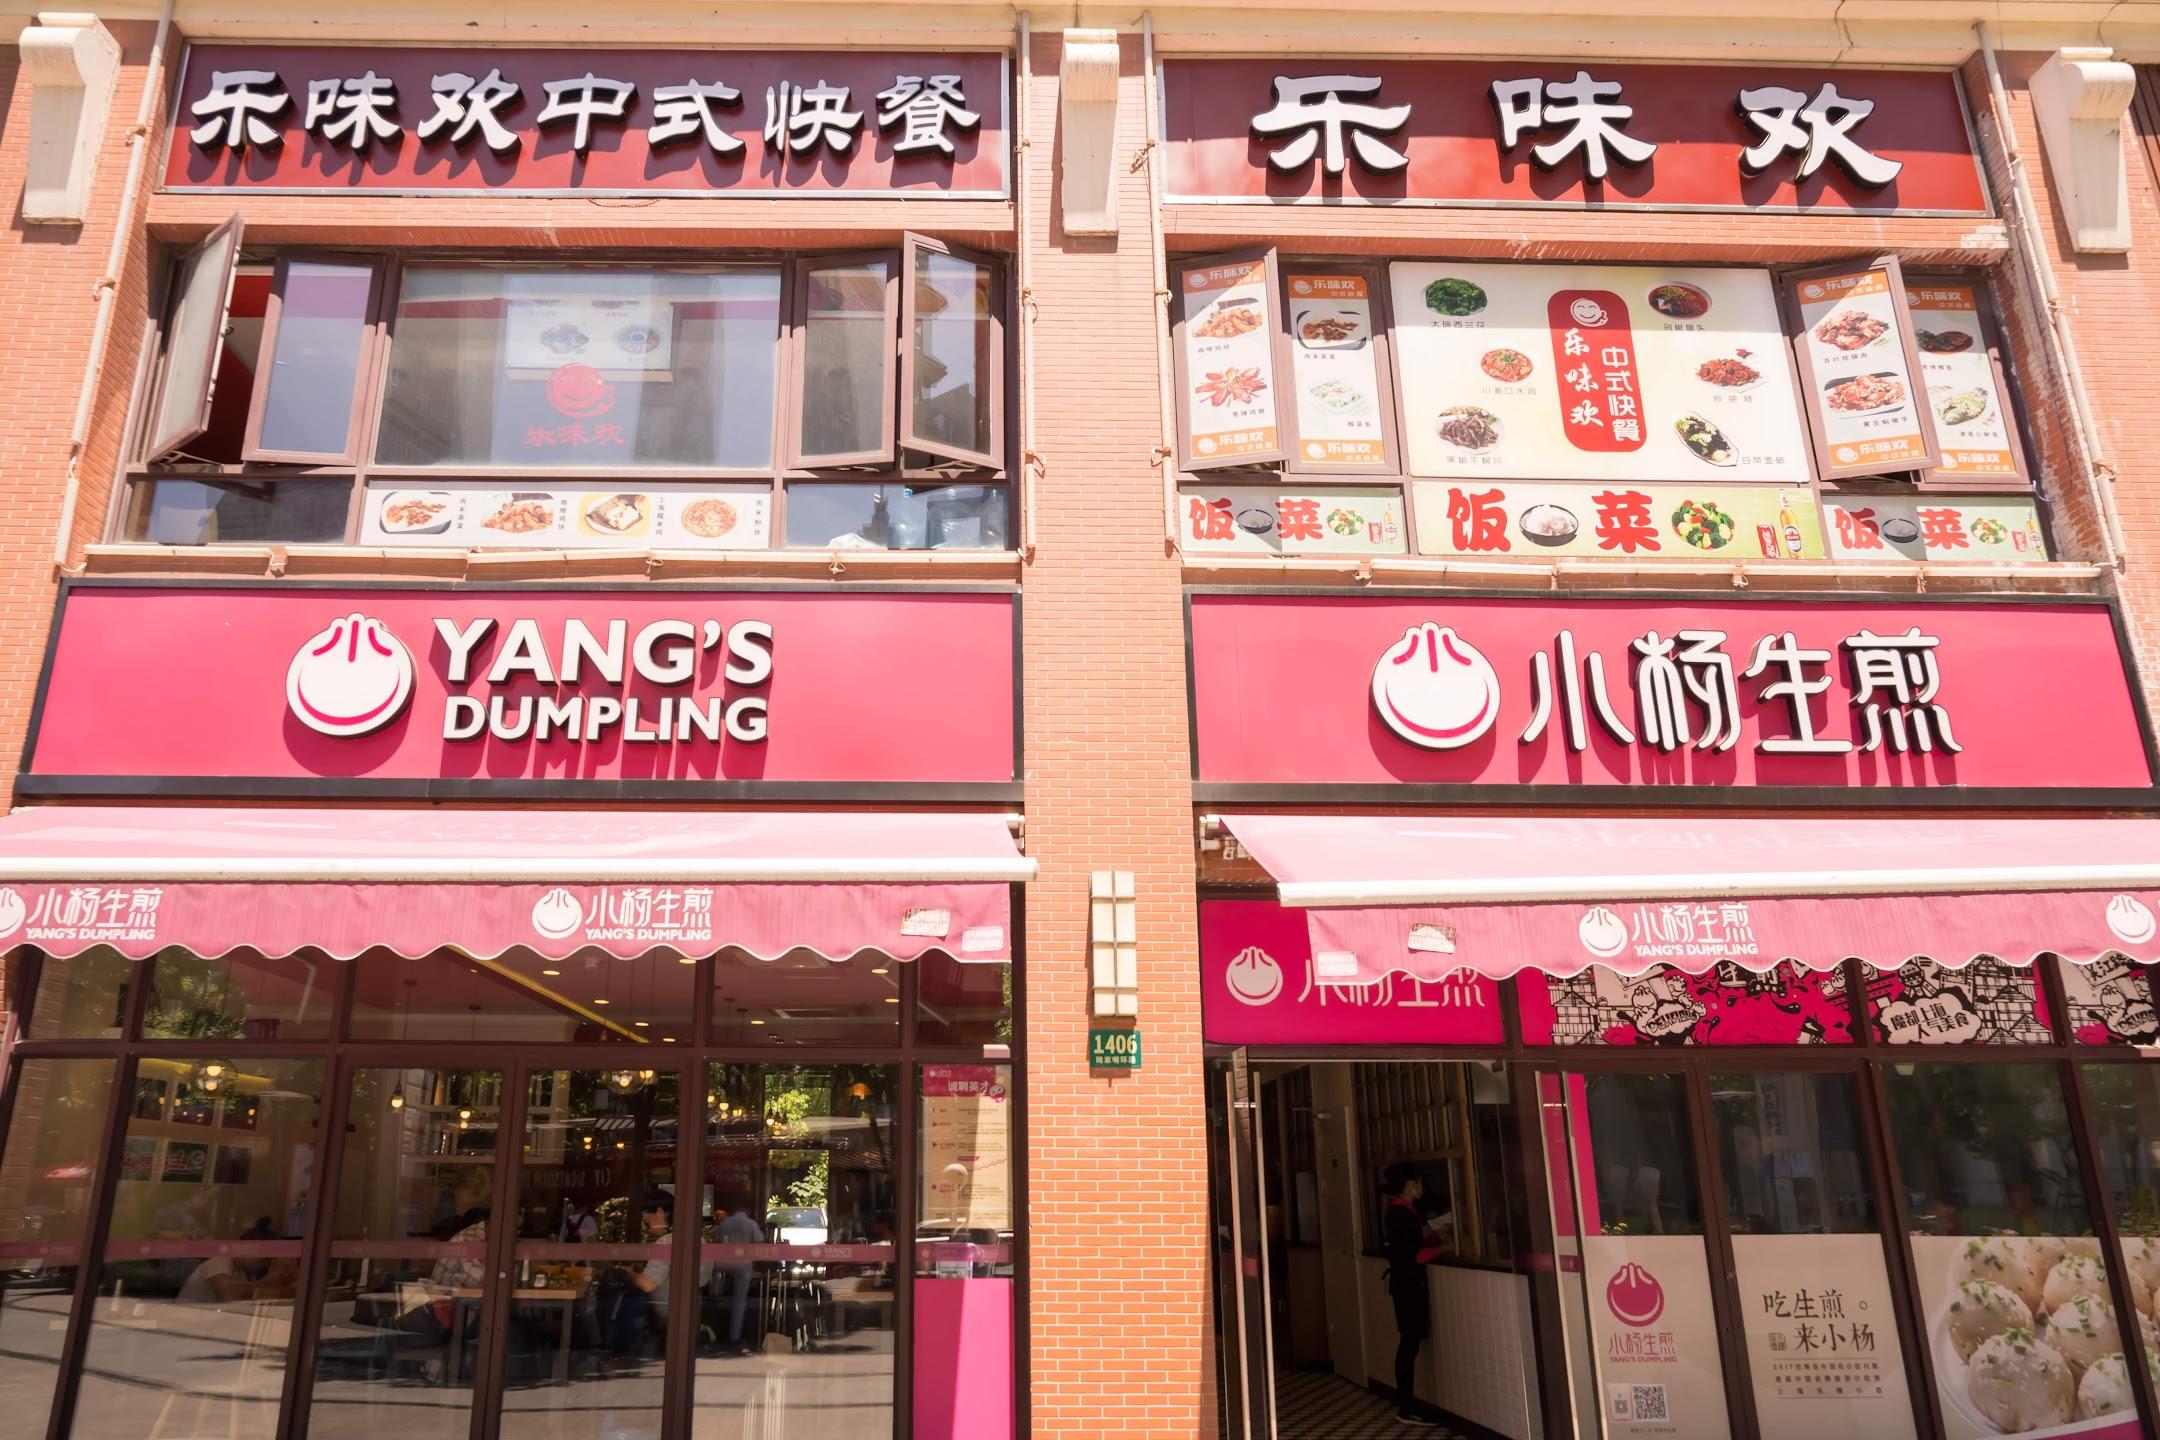 Shanghai Yang's Dumpling (小杨生煎)1